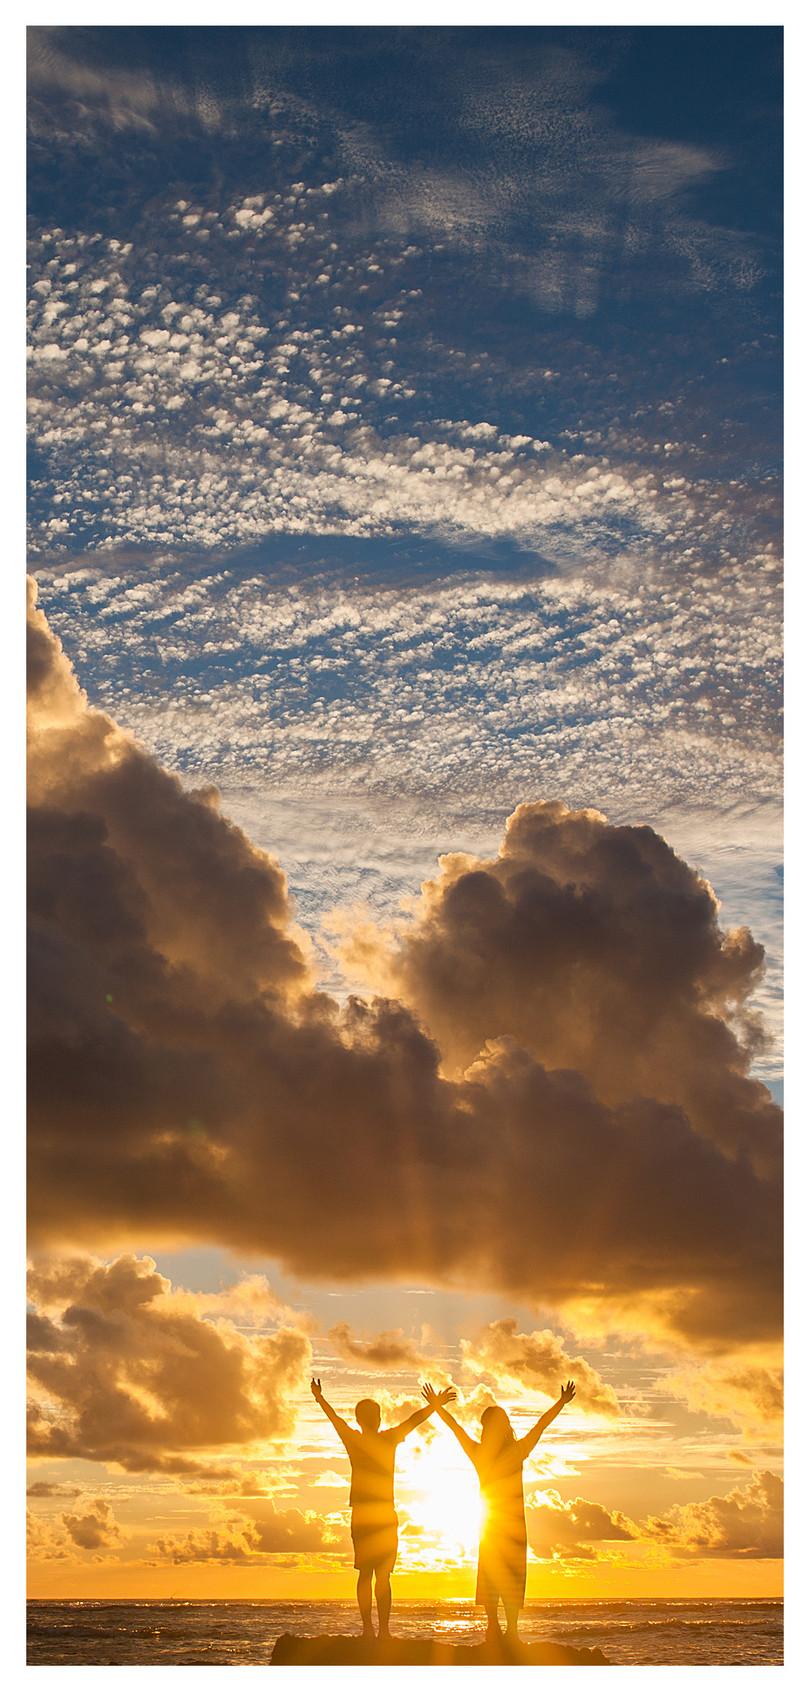 日没の恋人の携帯電話の壁紙イメージ 背景 Id 400258705 Prf画像